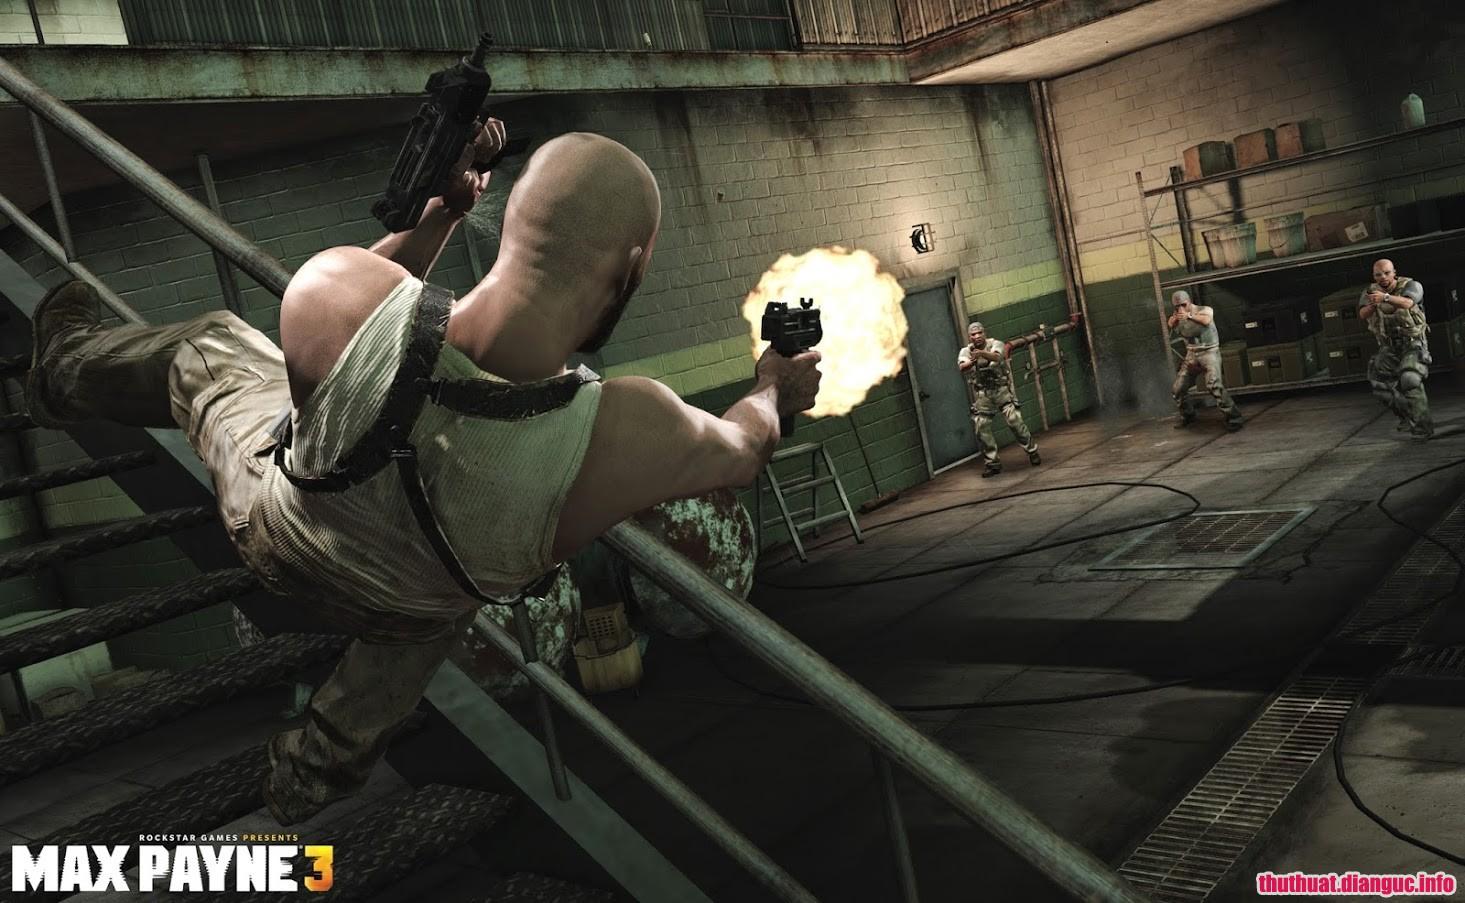 Tải game Max Payne 3 miễn phí